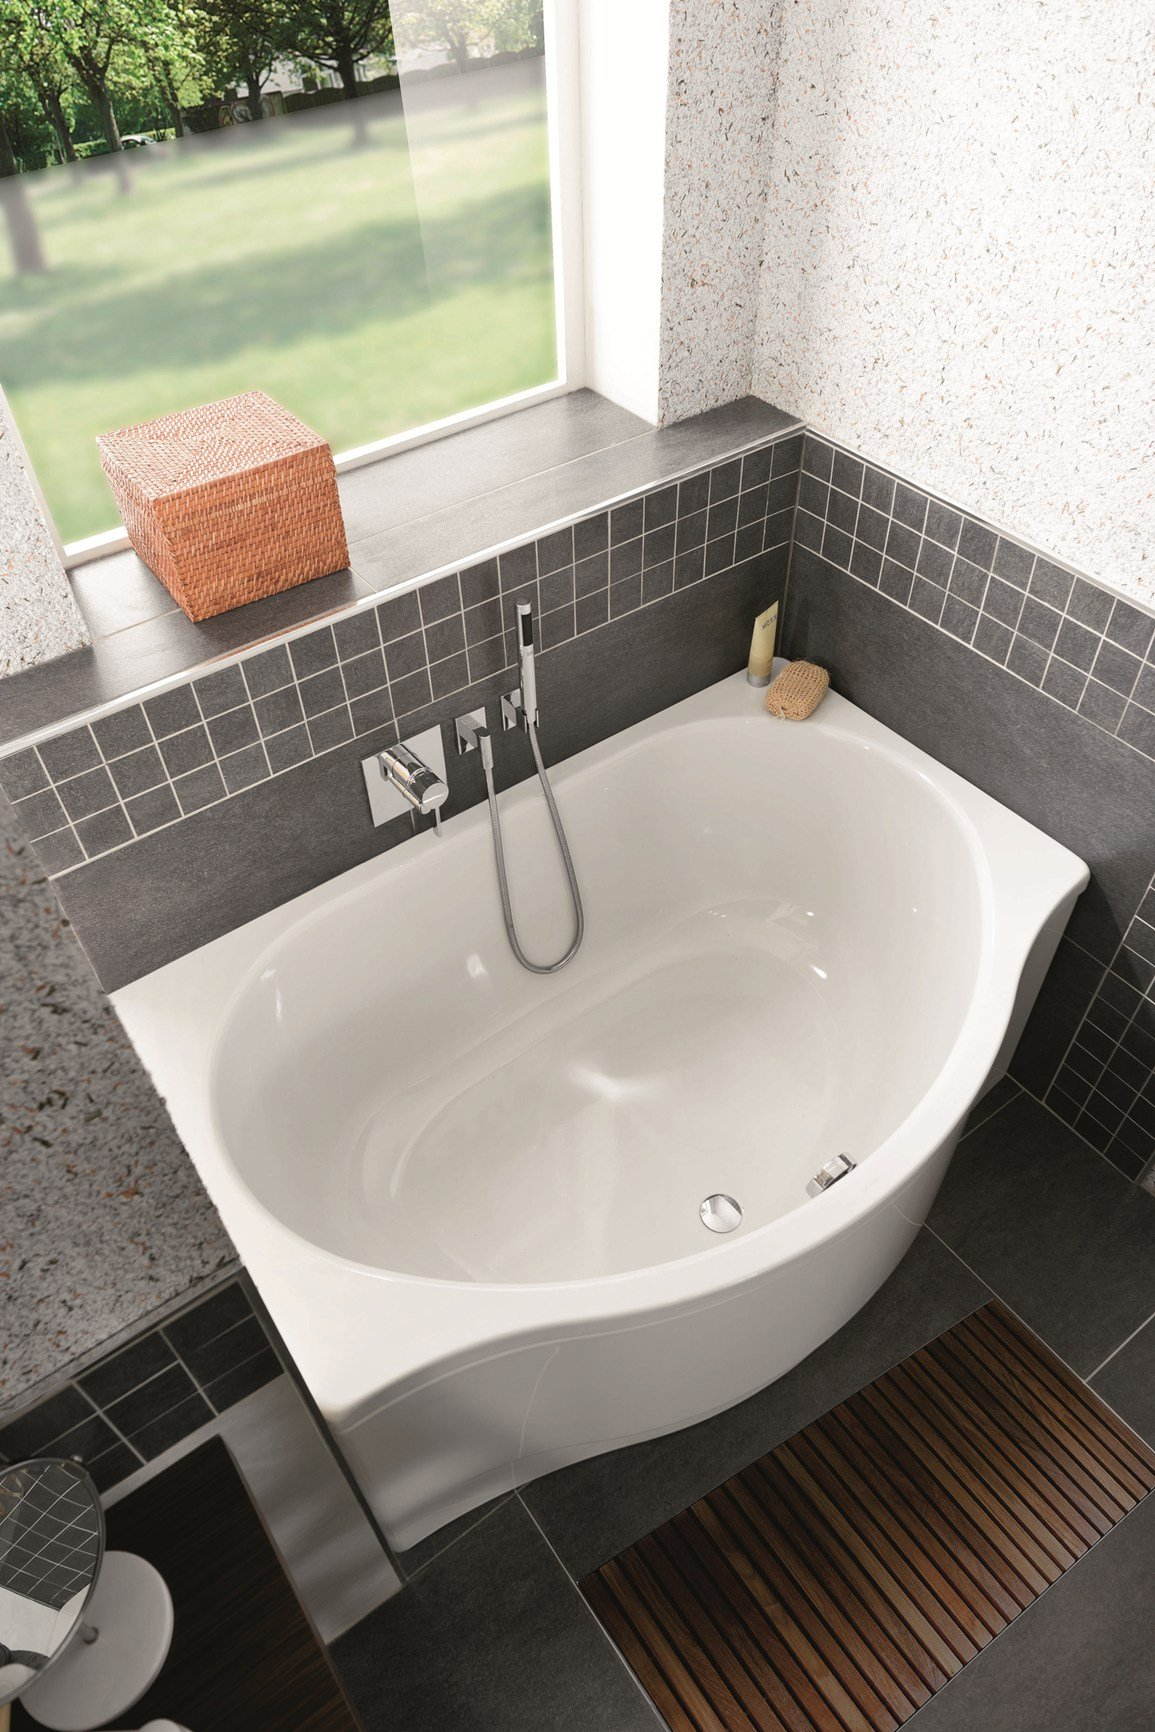 Vasche da bagno e piatti doccia a filo pavimento kaldewei - Vasche da bagno kaldewei ...